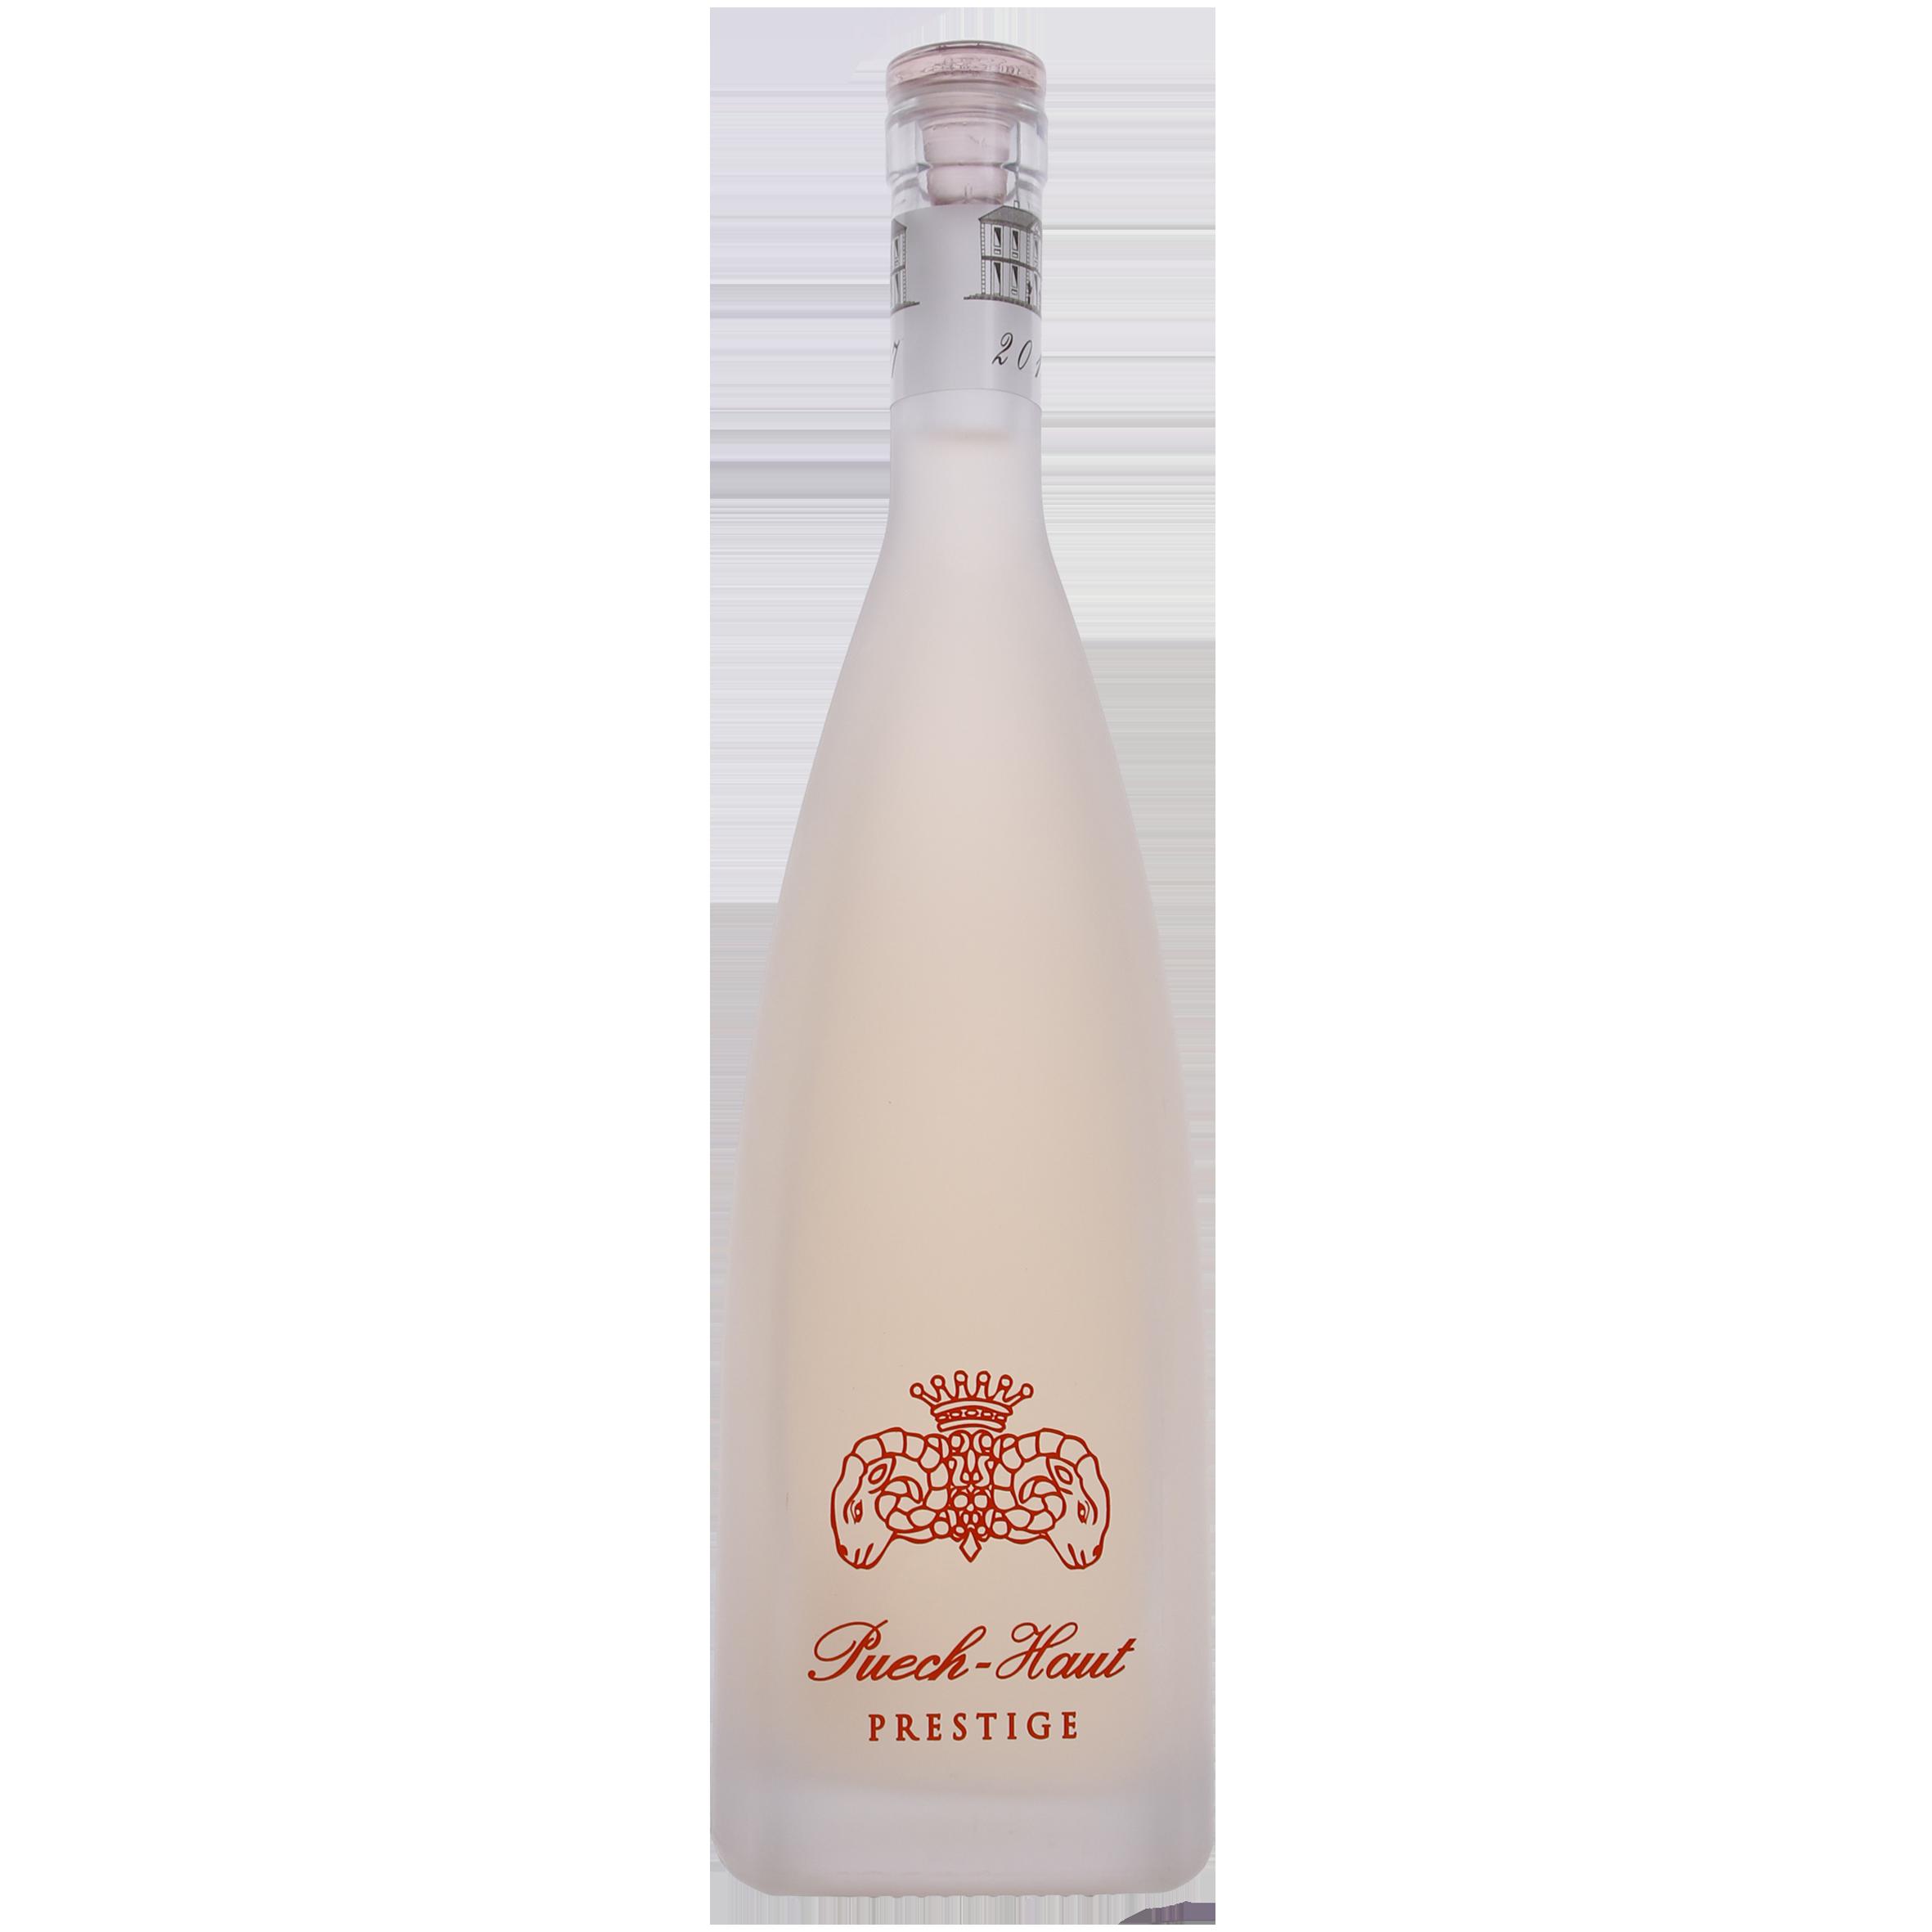 Coteaux du Languedoc - Prestige Rosé - Château Puech-Haut - 2019